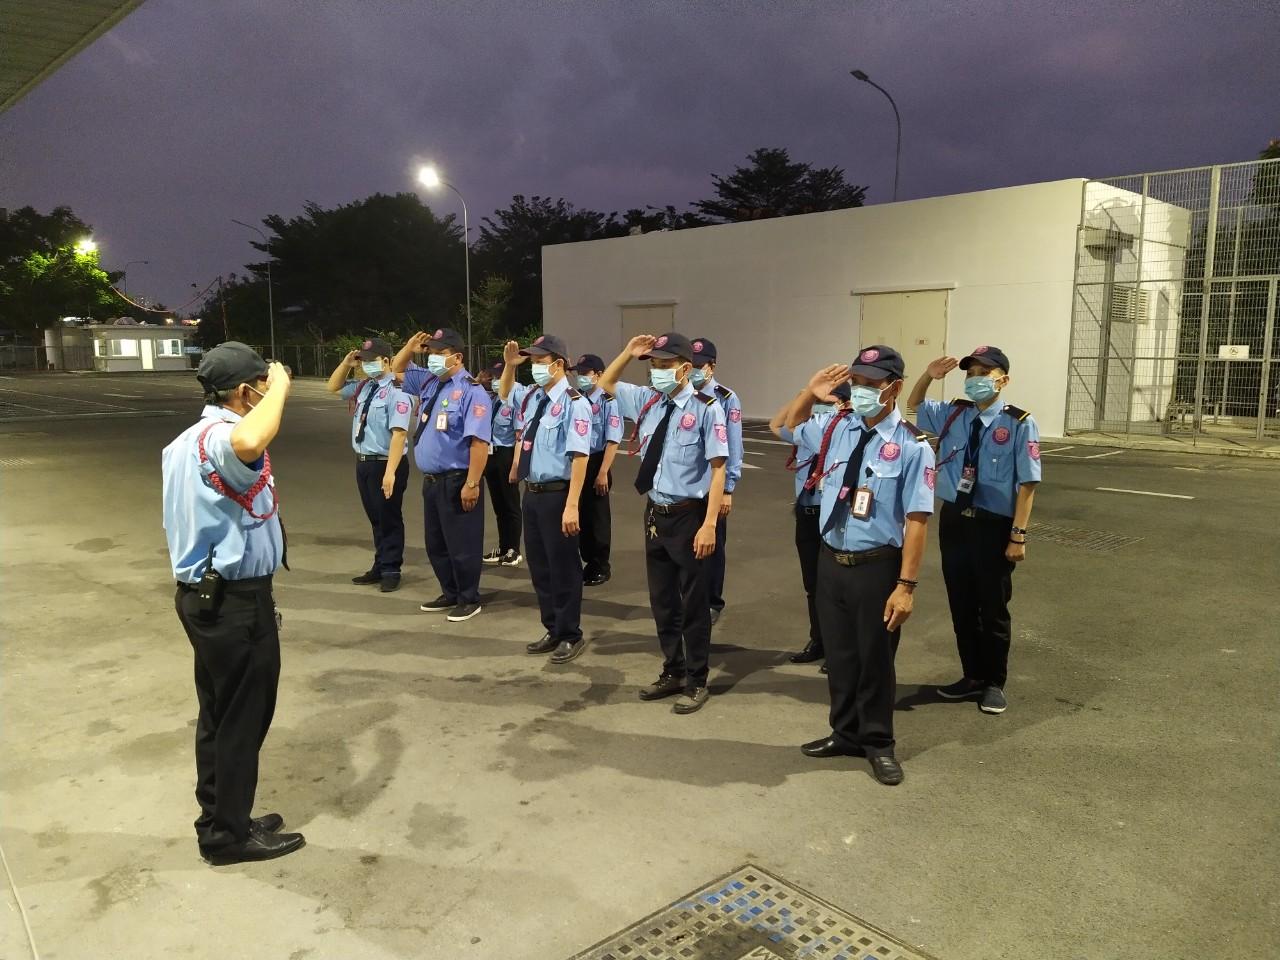 Bảo vệ trực đêm tại Đà Nẵng